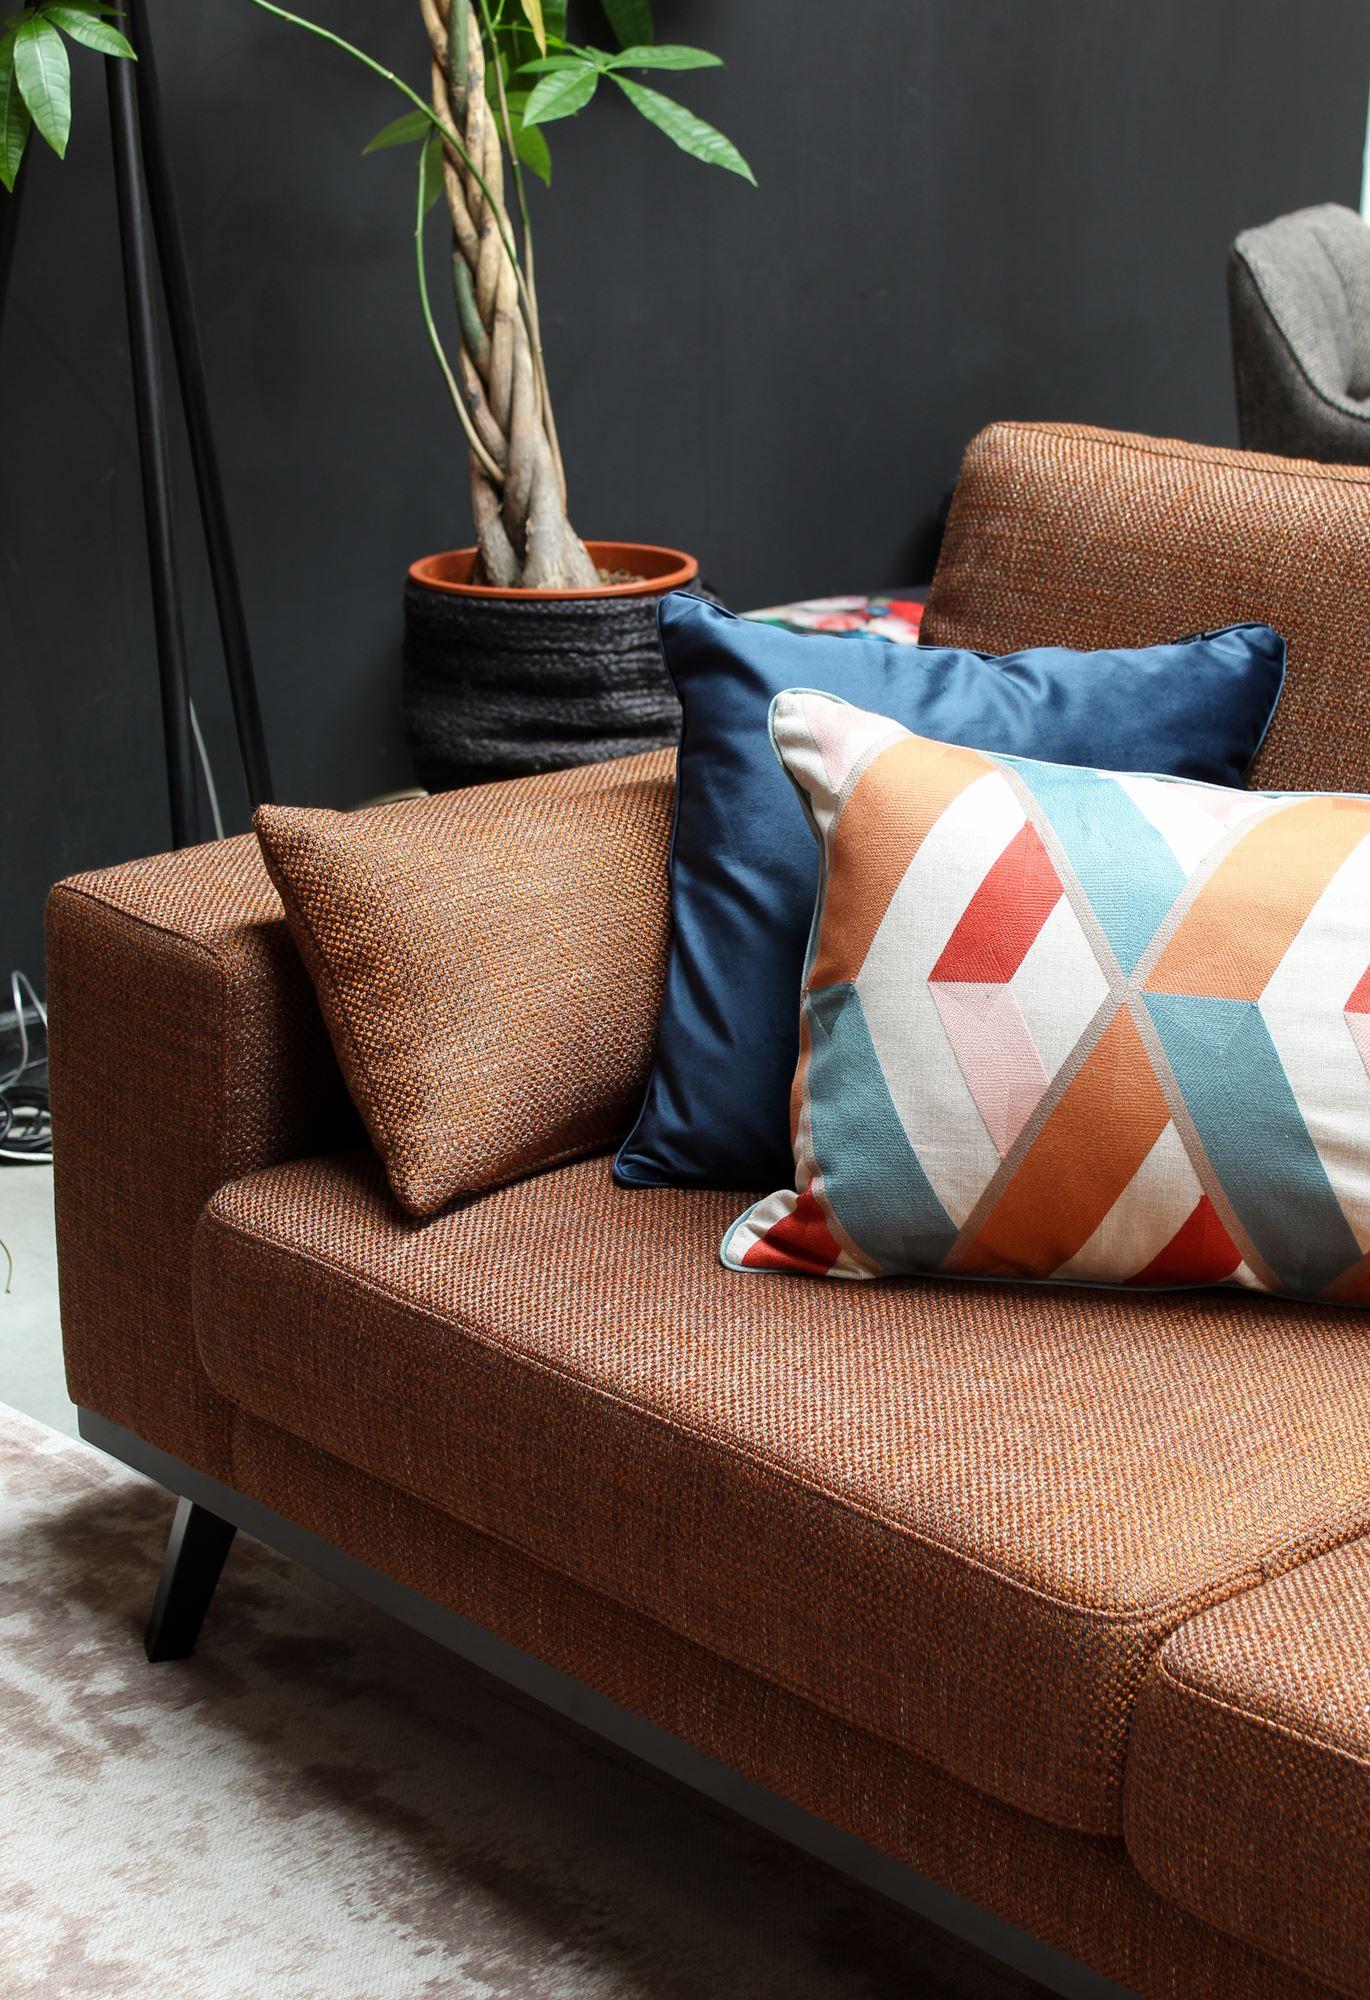 Picture of: 9design Collection Sofa Modena 2 Person Orange Modena Neon Furniture Store 9design Showroom Warsaw